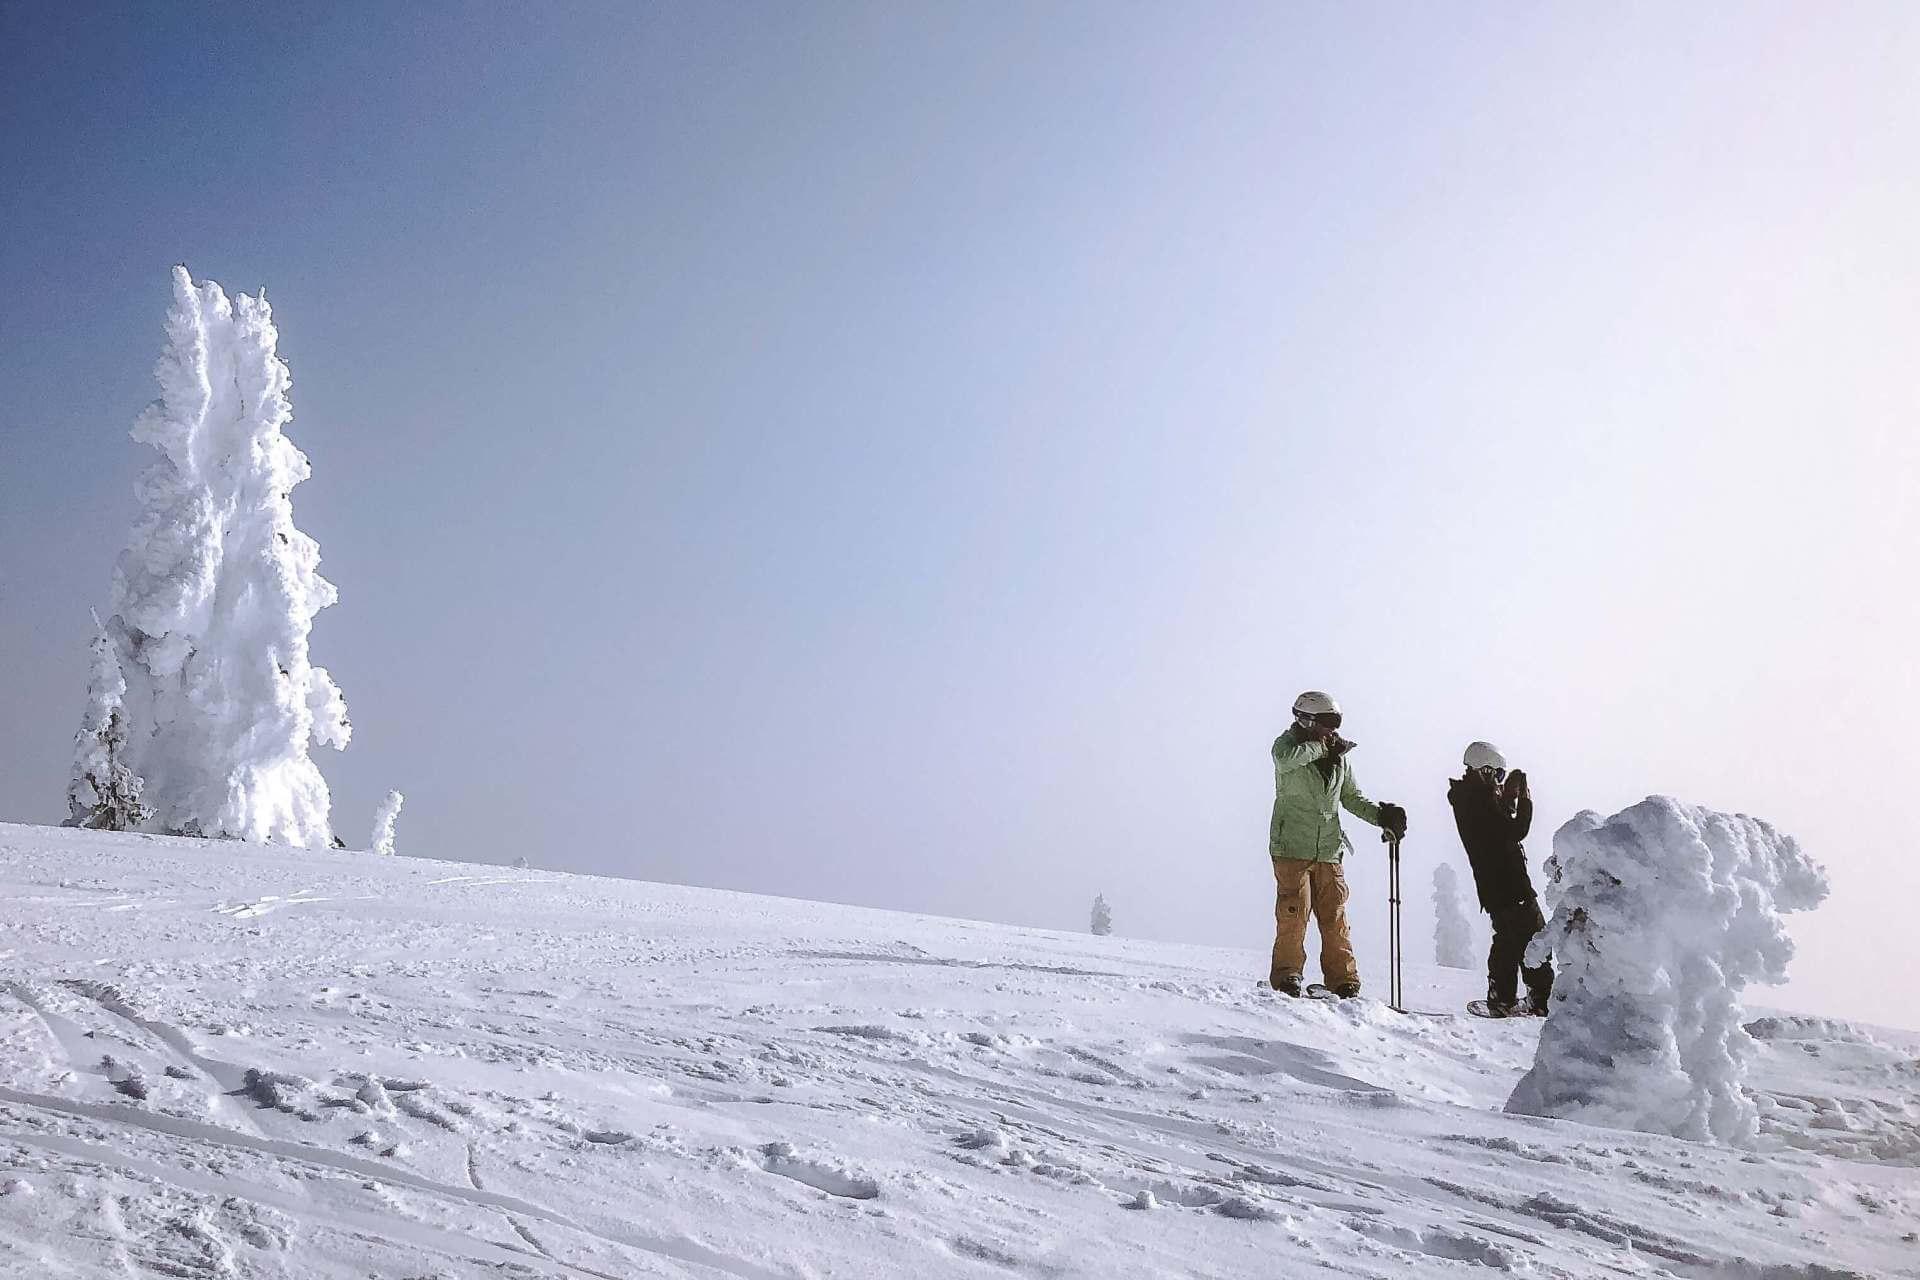 Freundin überraschen mit Ausflug Skifahren